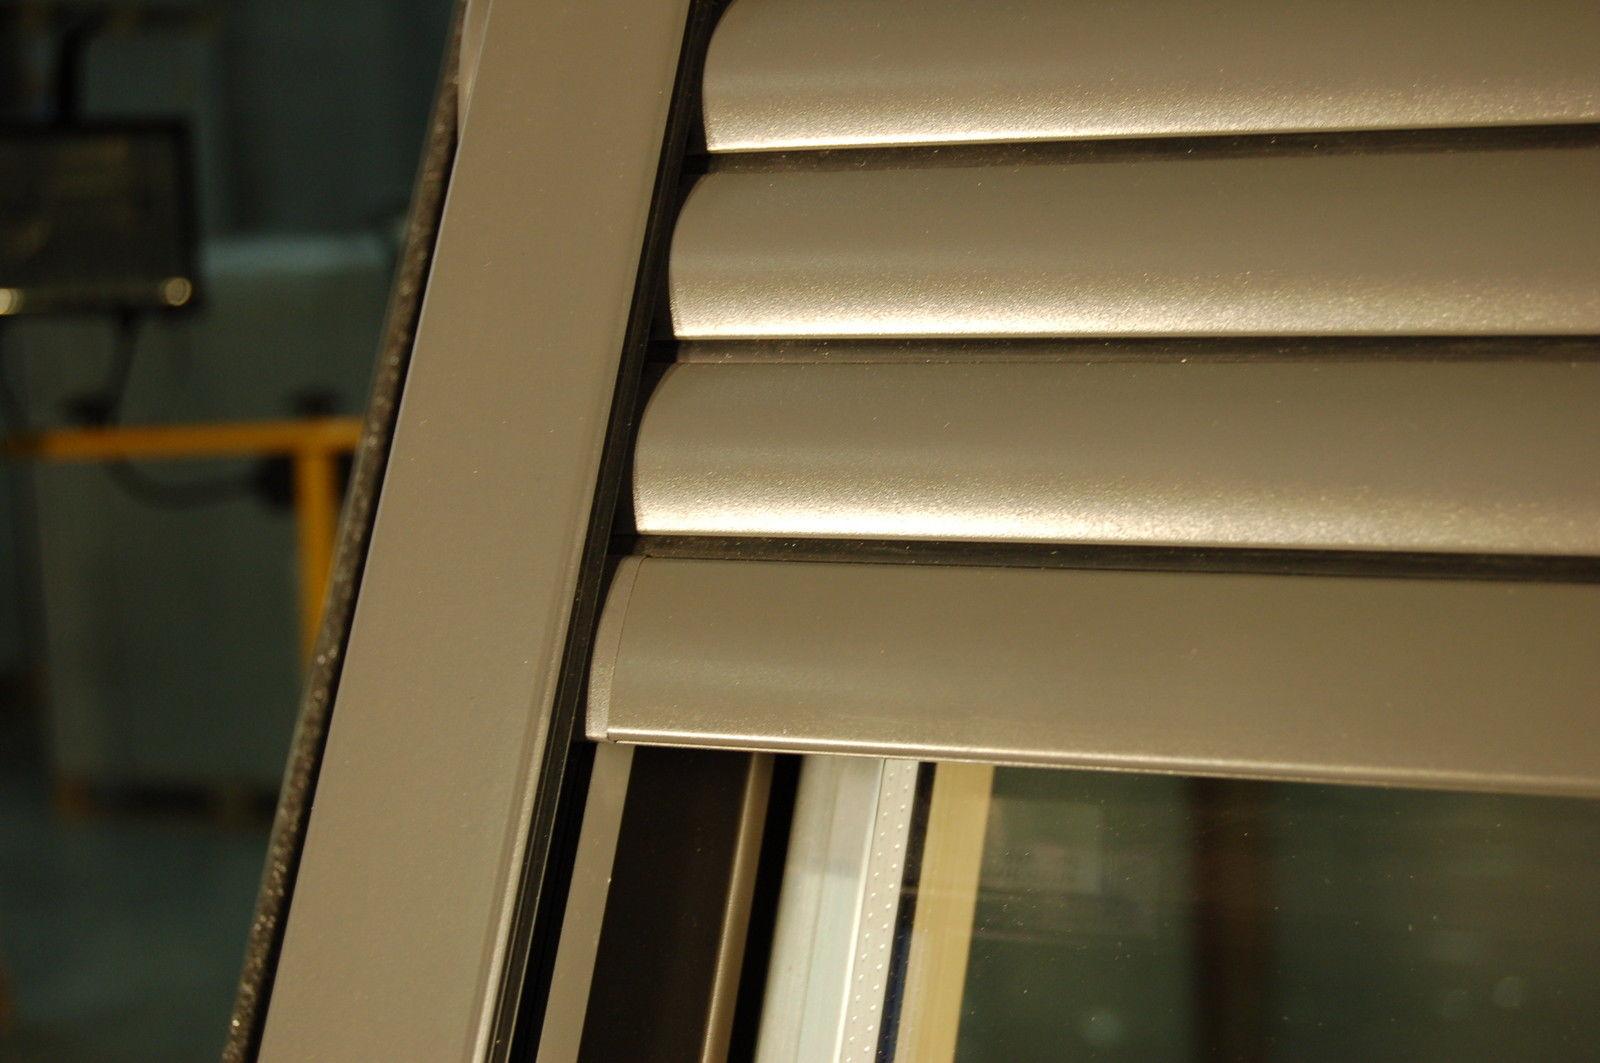 dachfenster rollladen elektrisch m fernbedienung zu velux fakro solstro dakstra ebay. Black Bedroom Furniture Sets. Home Design Ideas